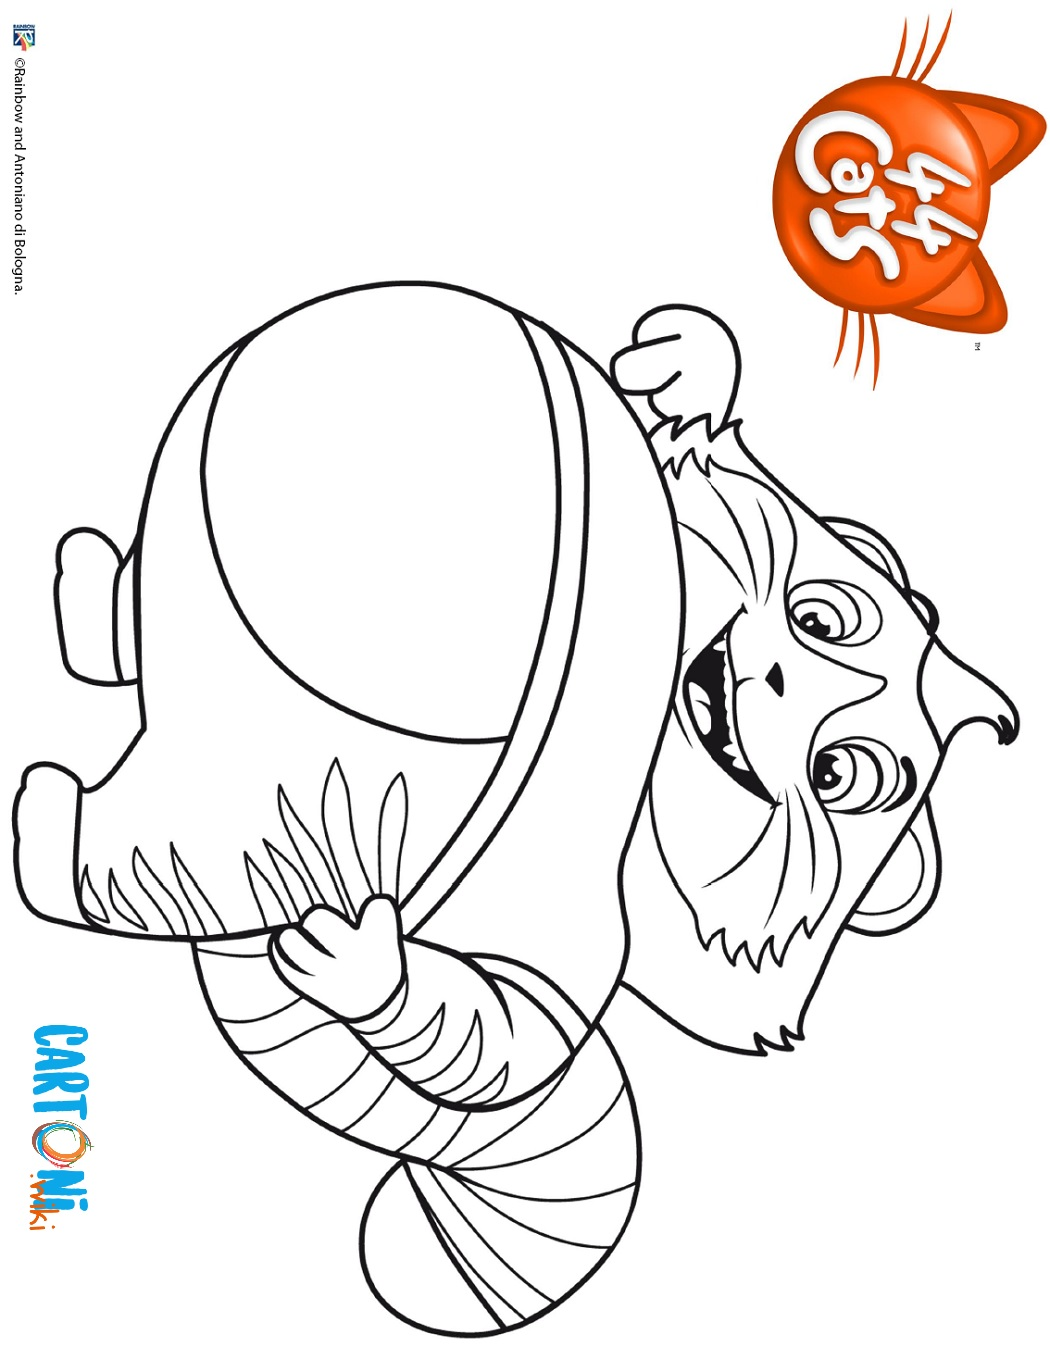 44 Gatti Colora Polpetta Cartoni Animati Of Gatto Disegno